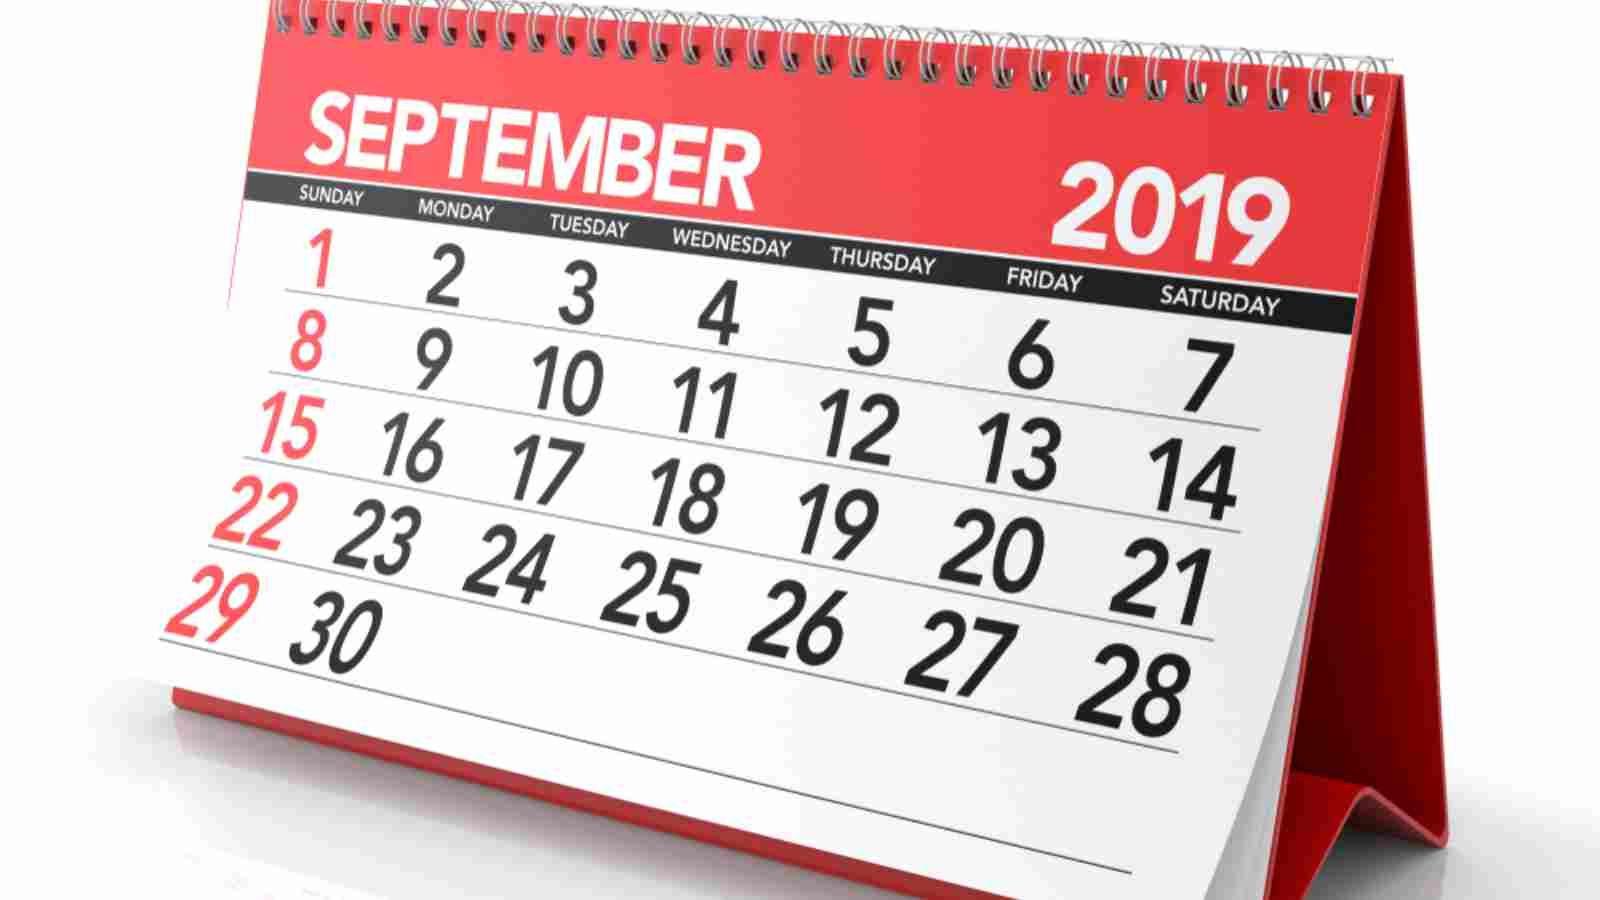 توقعات الأبراج لشهر أيلول سبتمبر 2019 من ماغي فرح Months In A Year Learn French Months